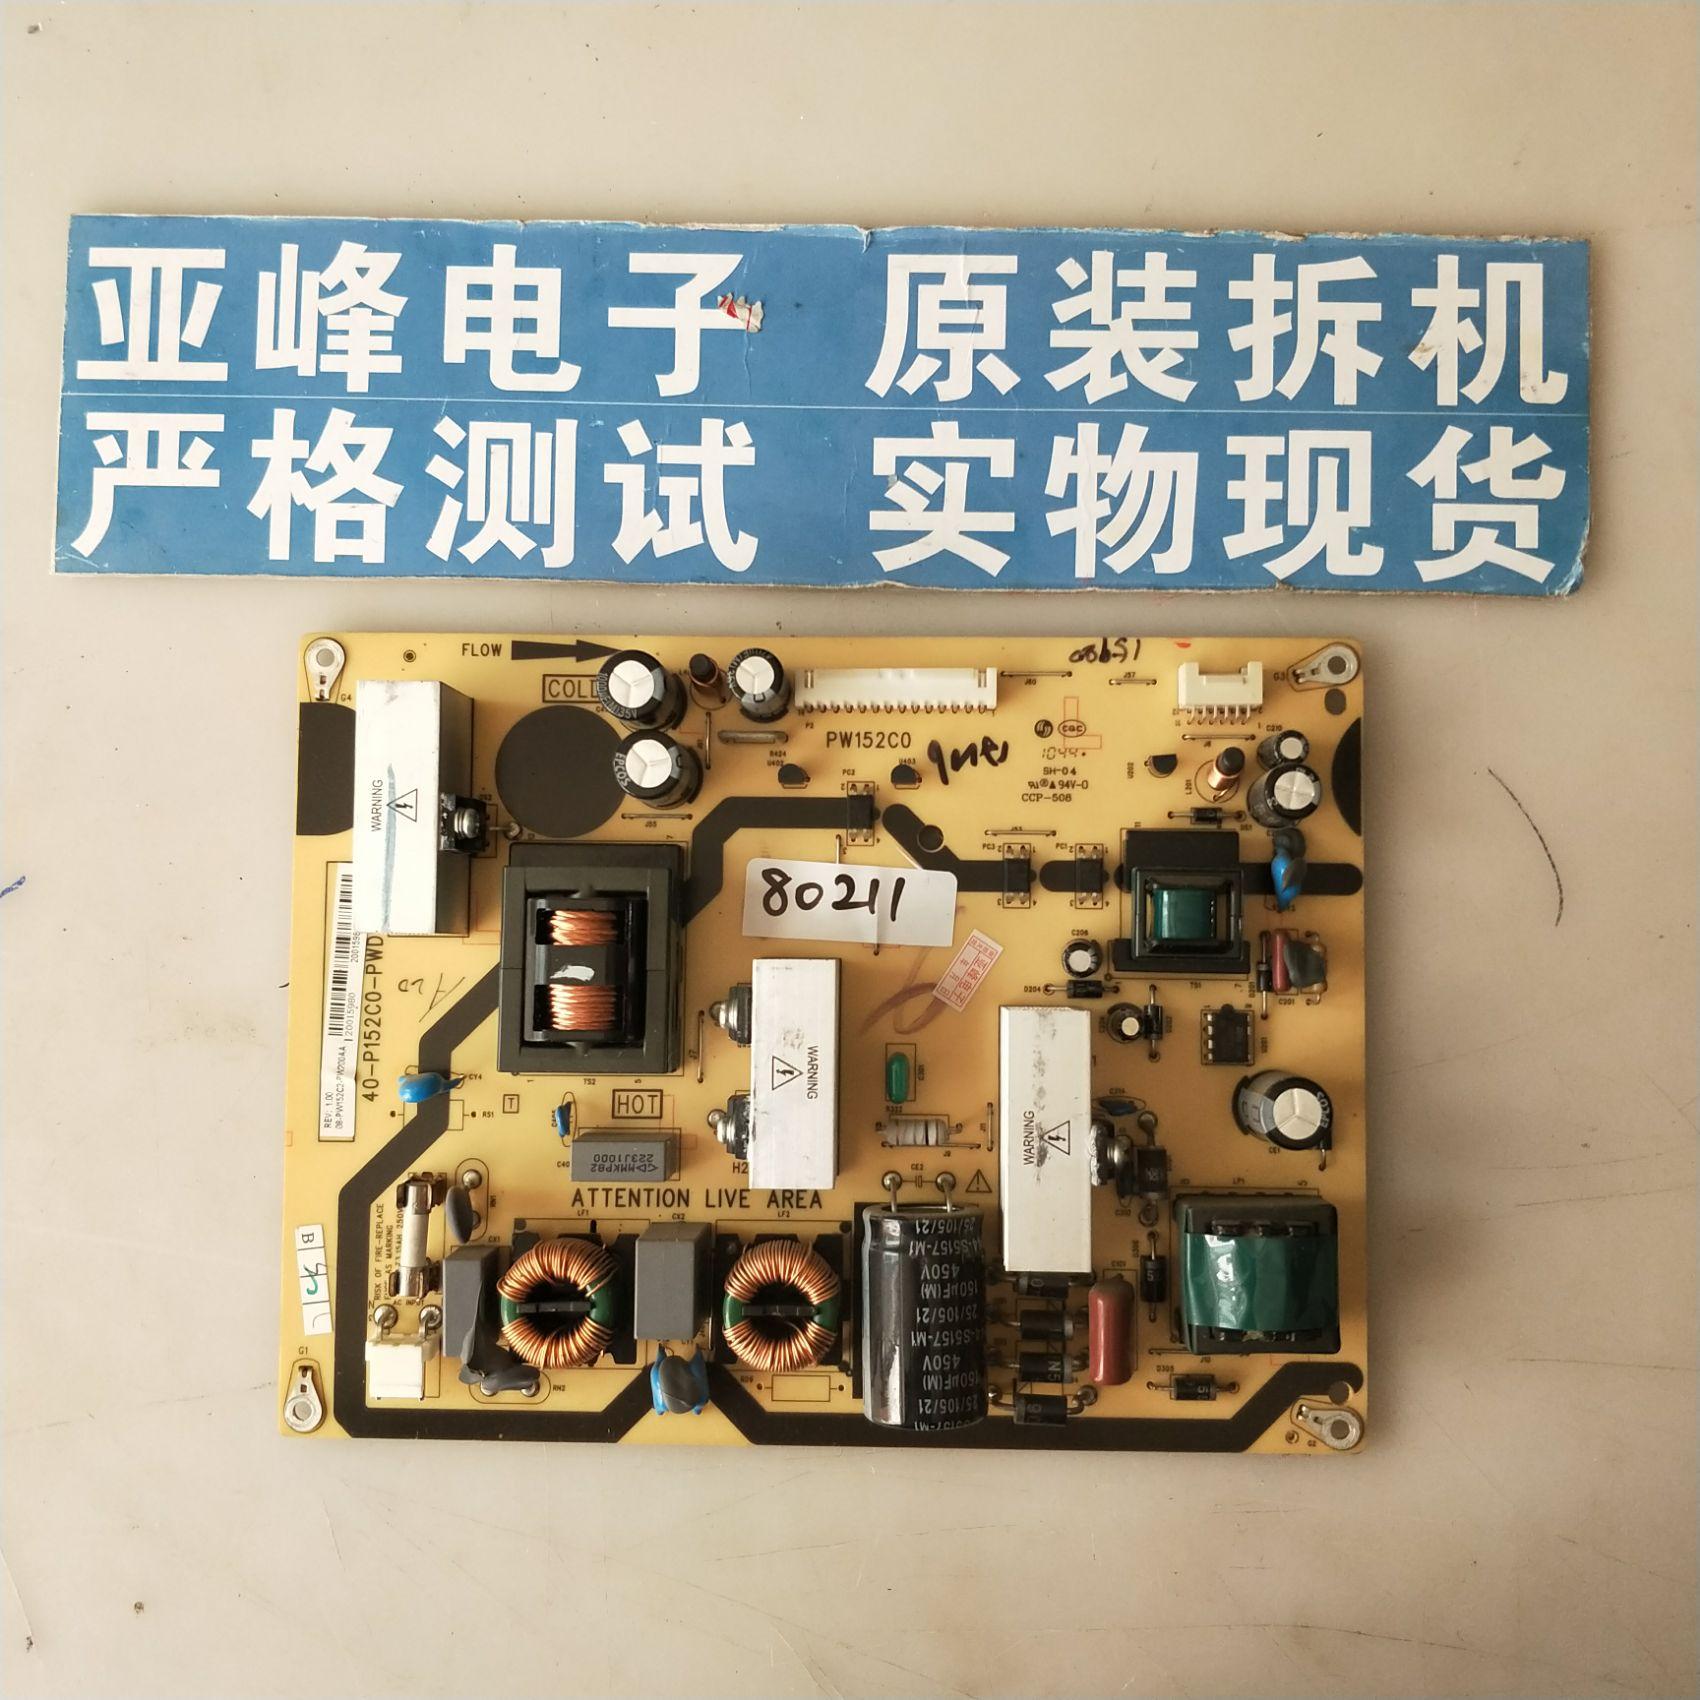 Oorspronkelijke demonteren TCLL32F11 LCD TV - panel 40-P152C0-PWG1XGPW152C0